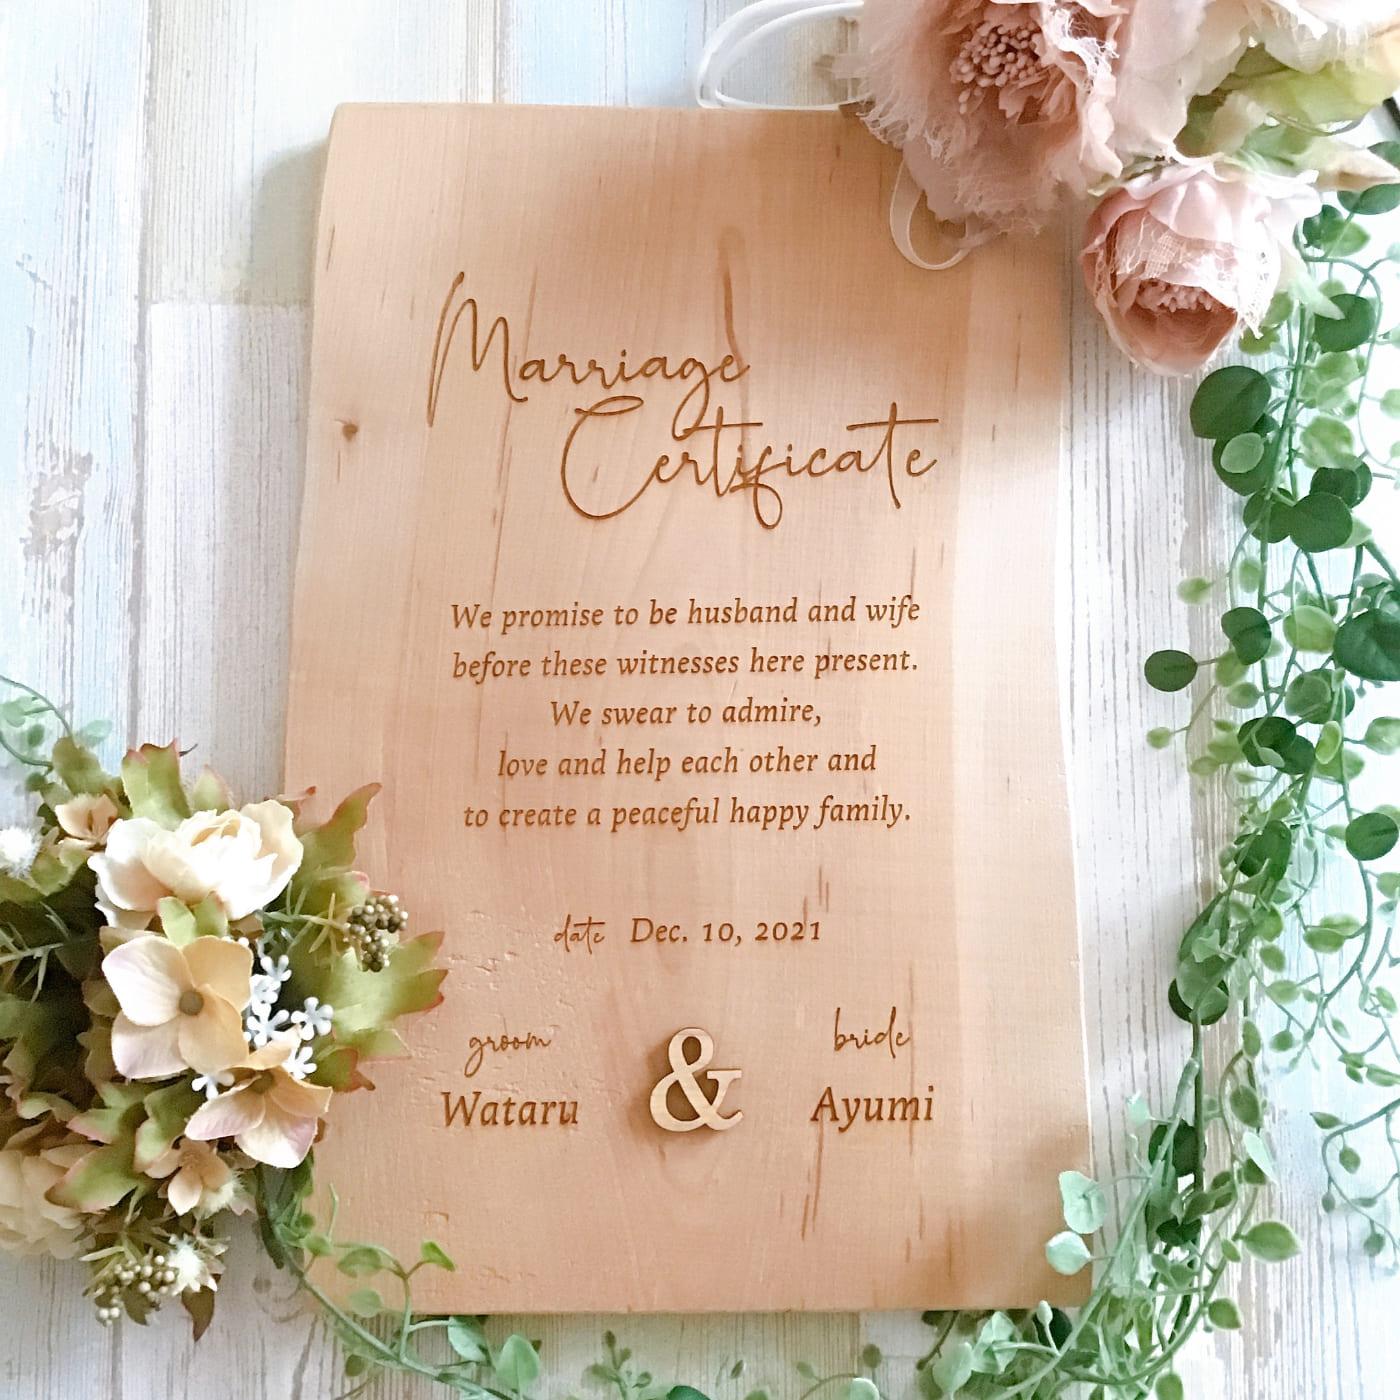 ナチュラルウェディングに自然木の結婚証明書結婚誓約書 ウェルカムボード 木 ナチュラルウェディング 誓いの言葉 木の結婚証明書 人前式 チャペル式 天然木 ナチュラル 2020新作 神前式 オーダーメイド 贈物 結婚式 木製 ウェディングアイテム